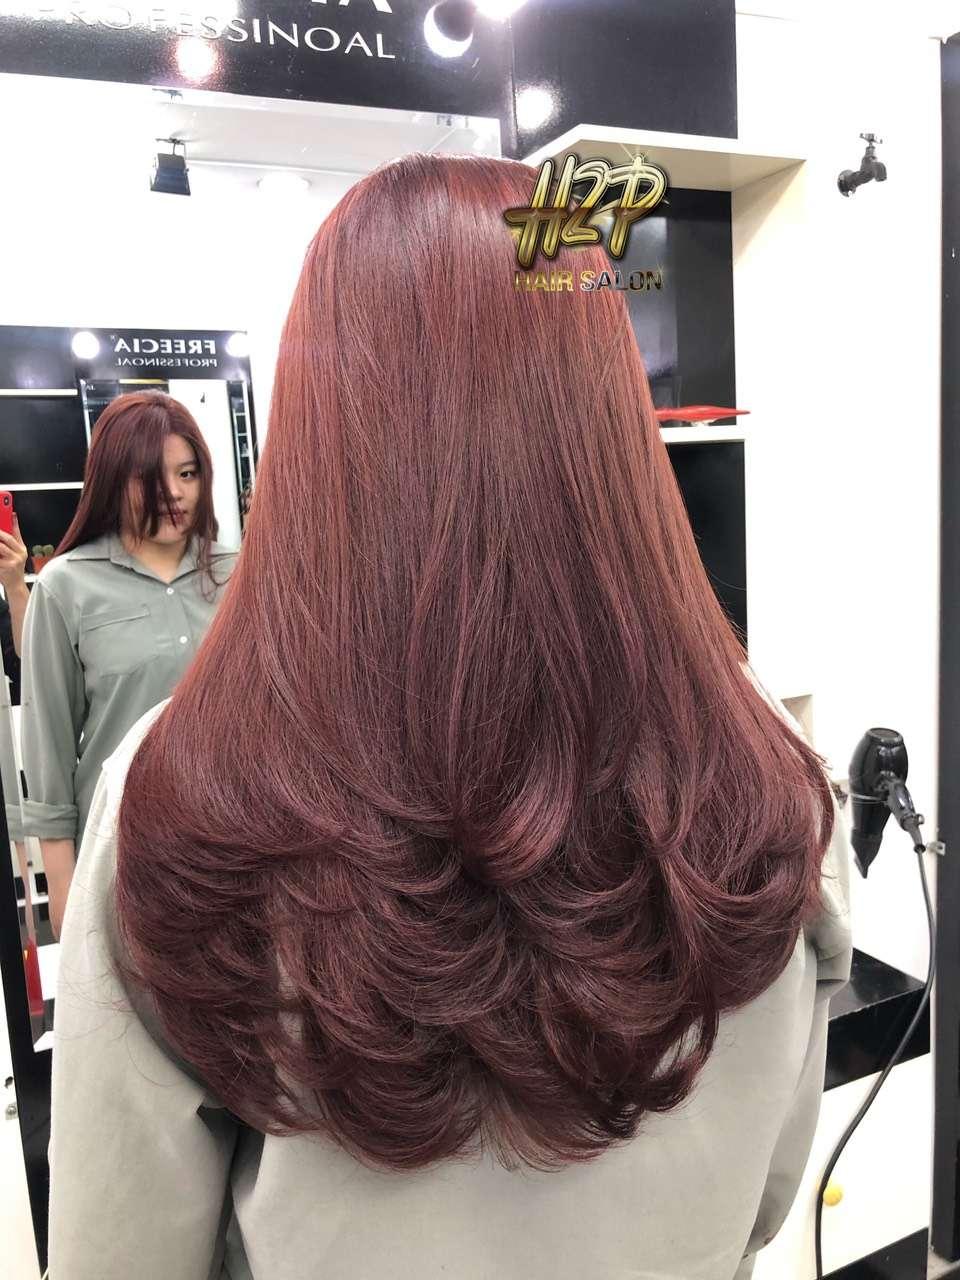 HAIR SALON H2P 3